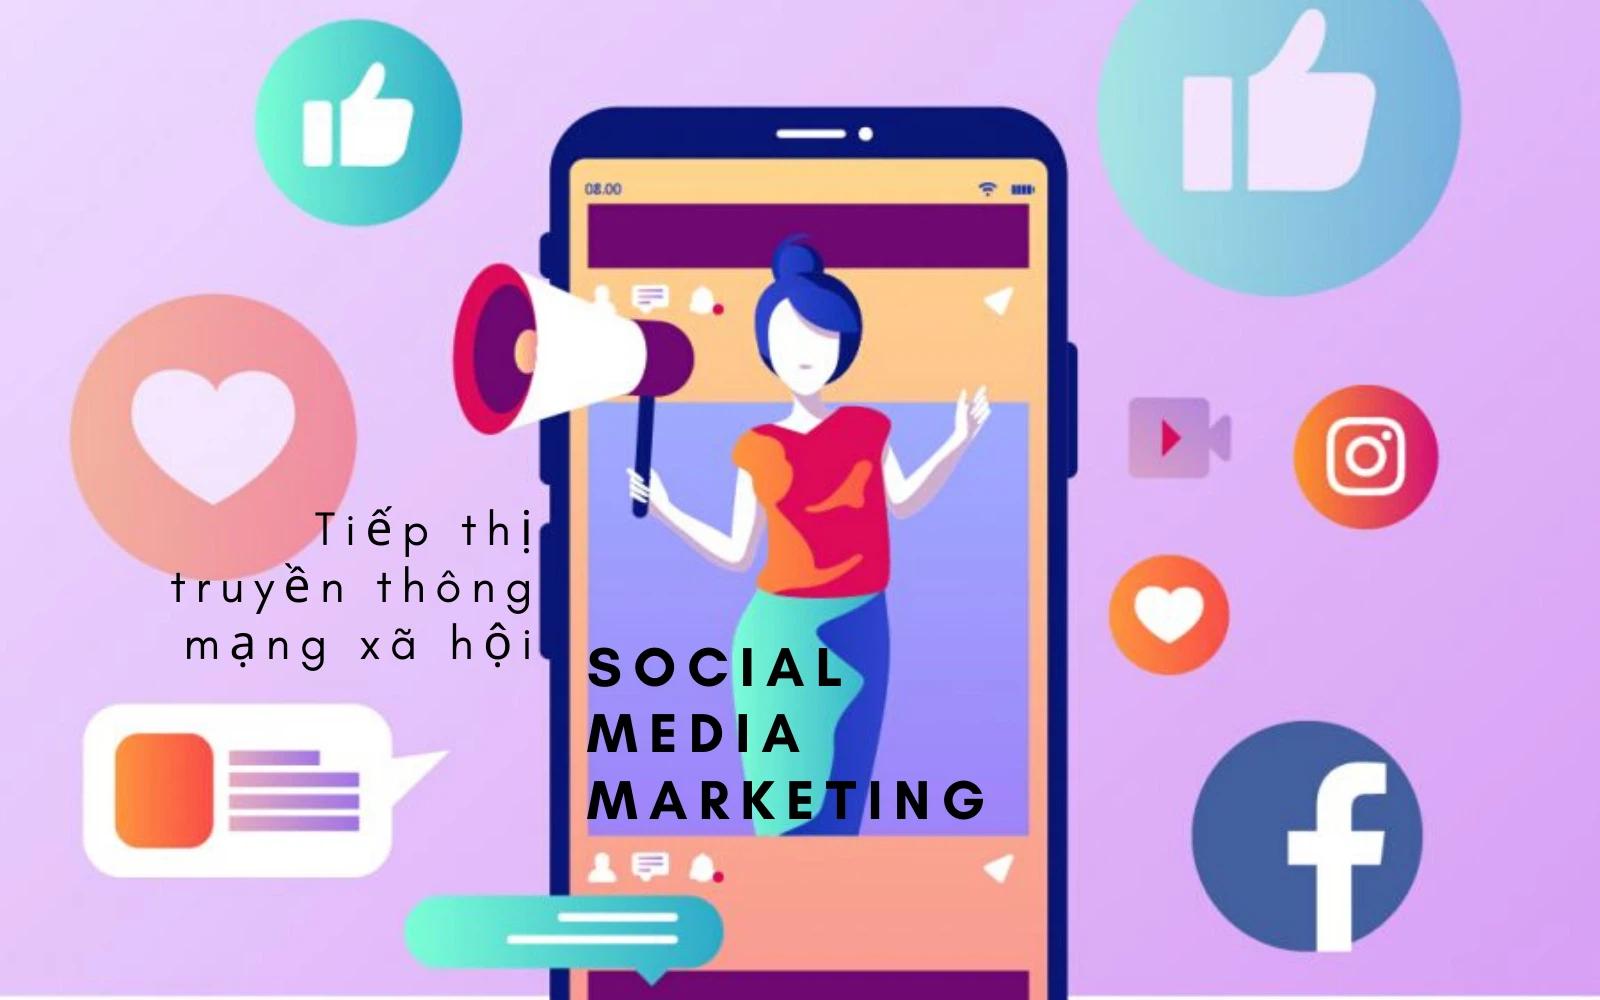 Tại sao doanh nghiệp cần triển khai Social Media Marketing?